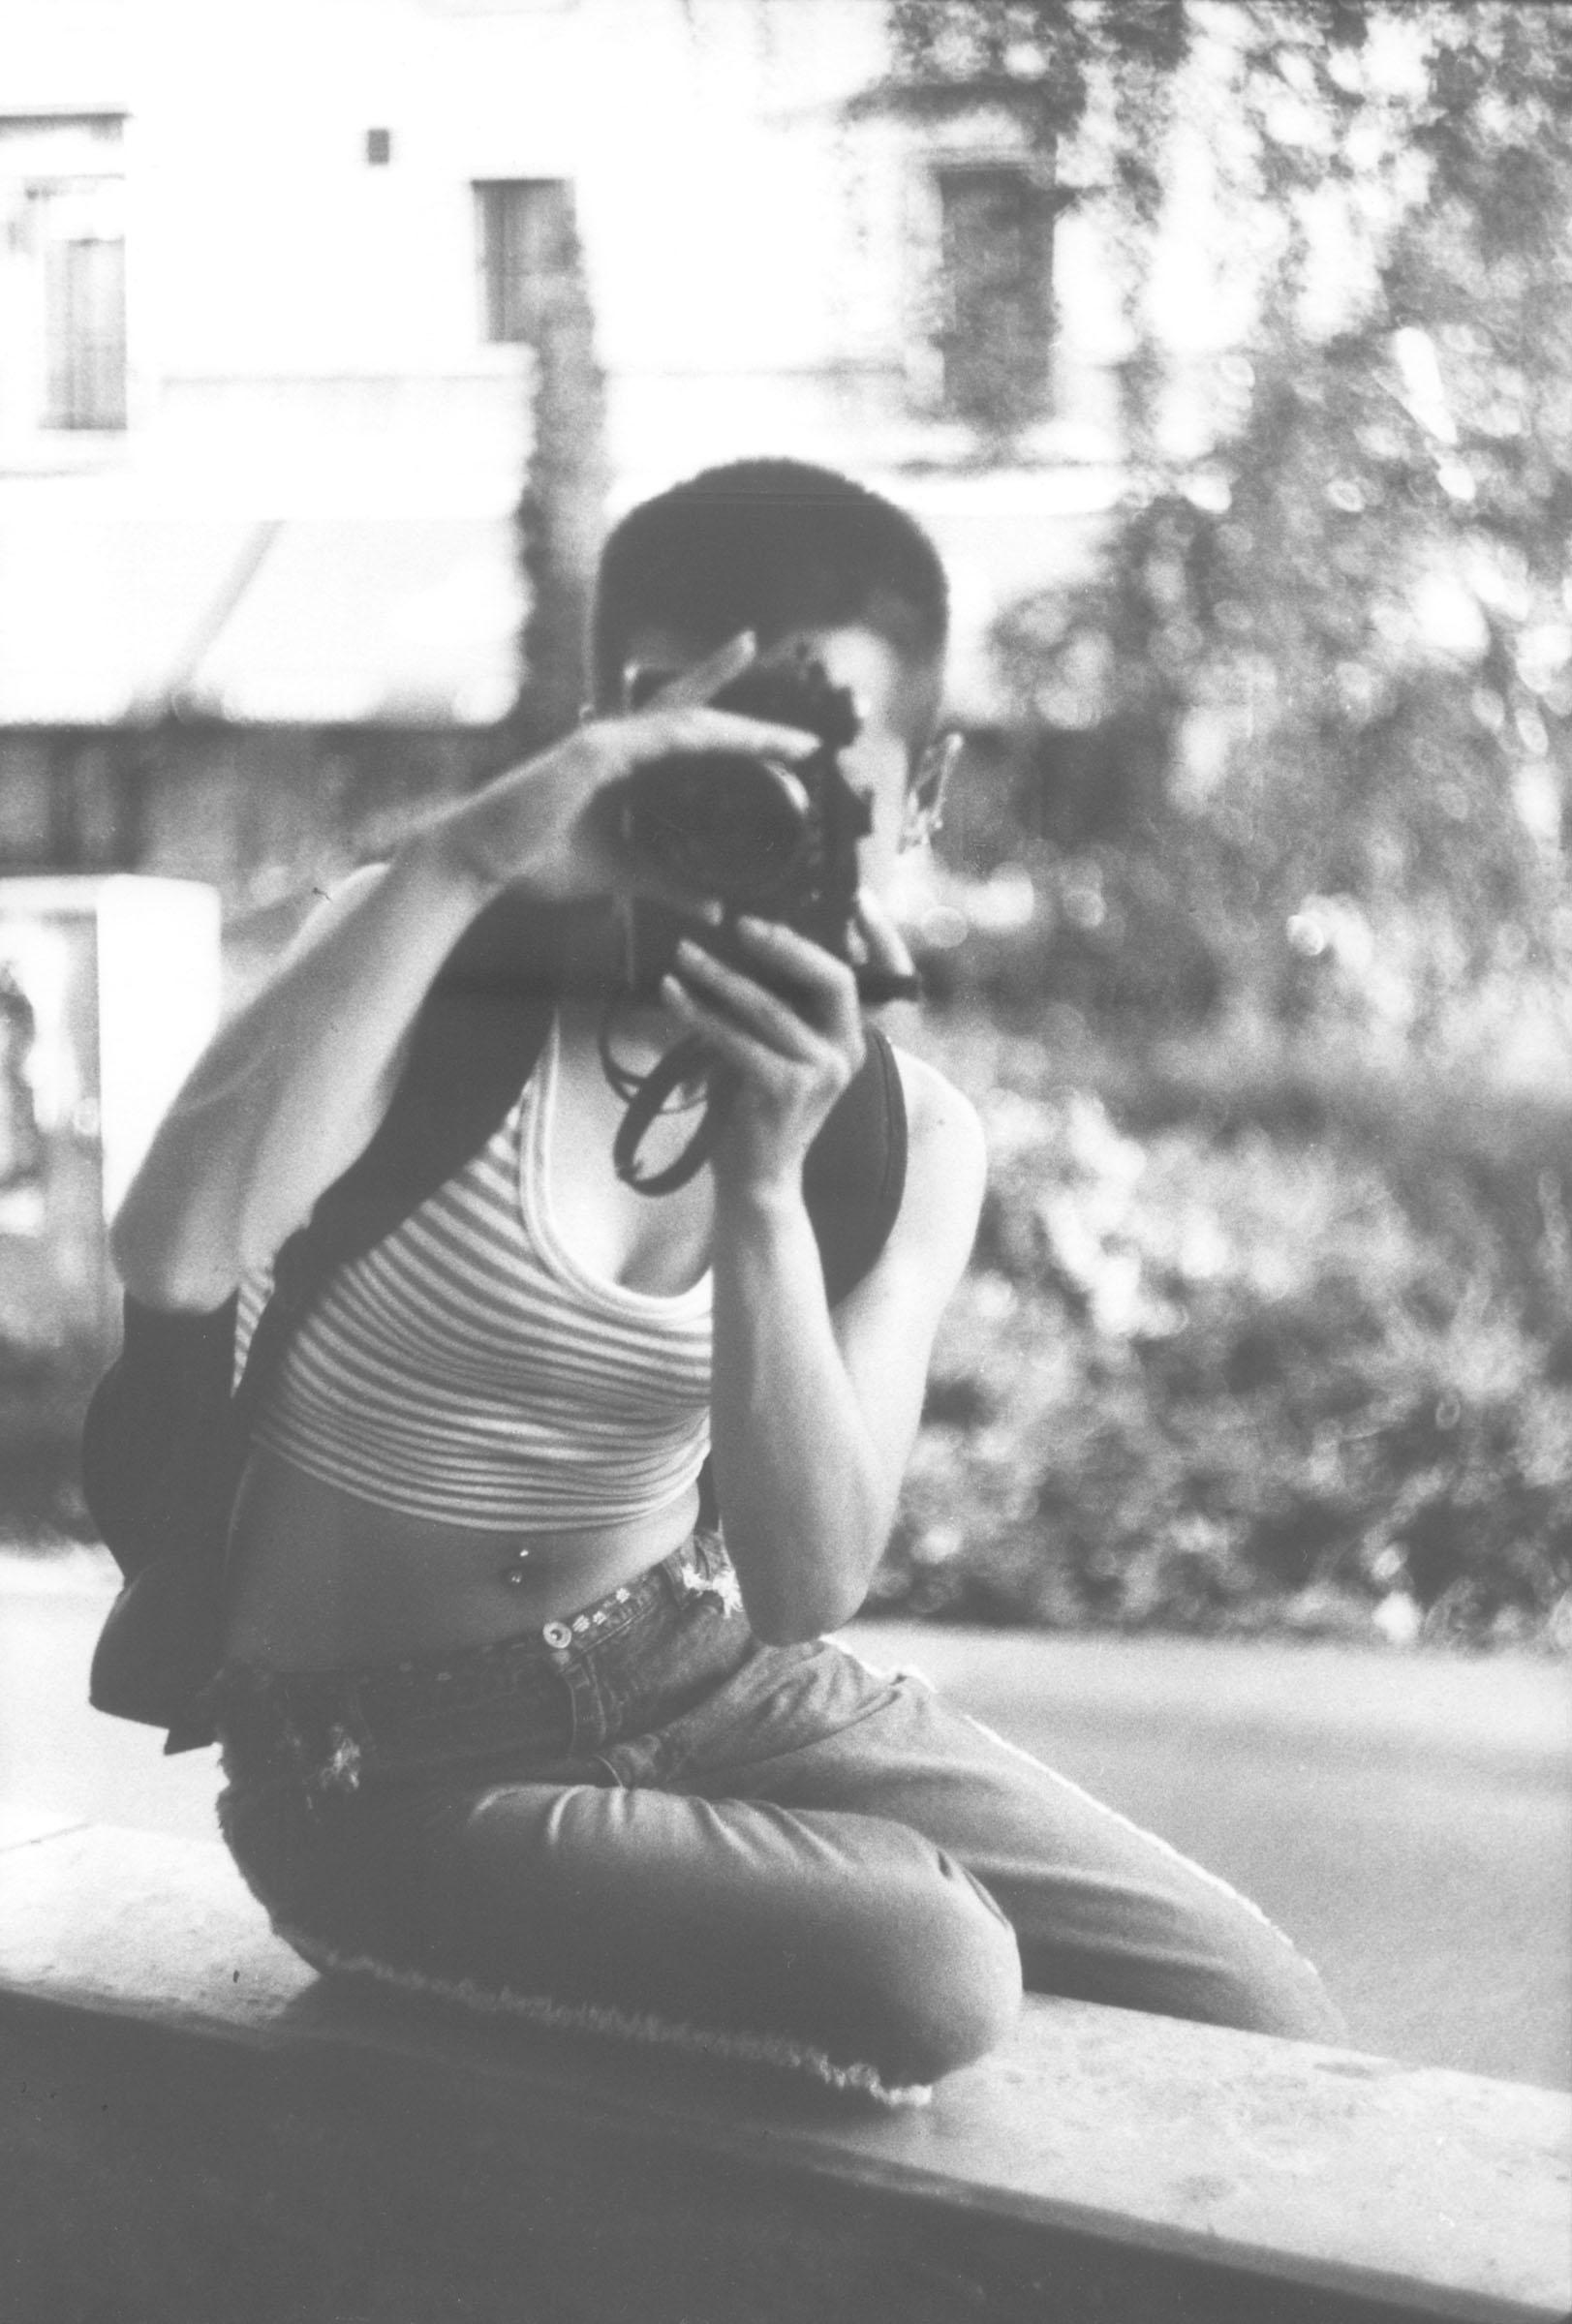 2004.09.18. Hétköznapok fotópályázat - Seibin Judit - Önarckép.jpg